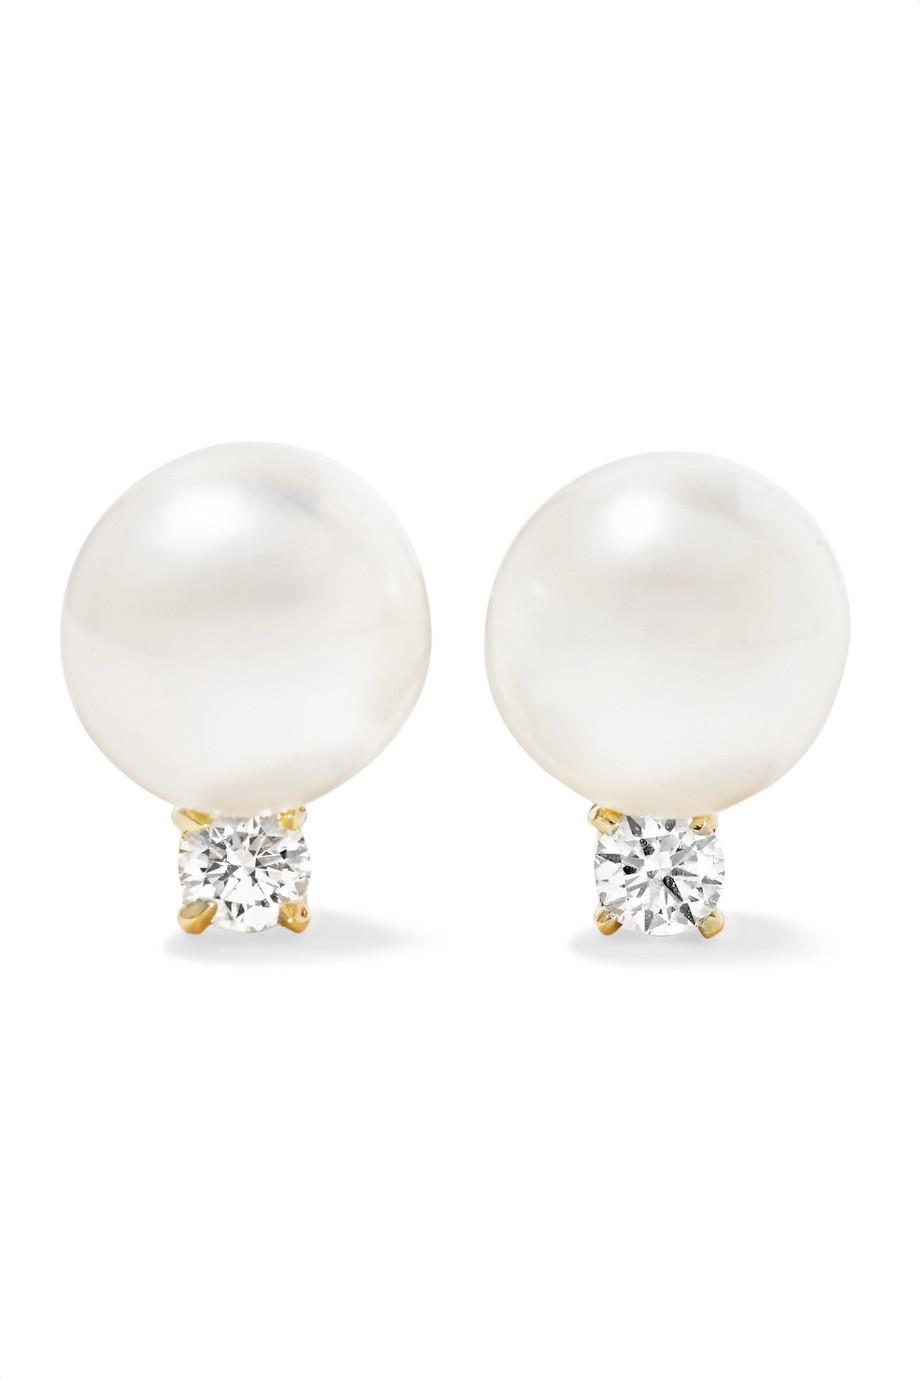 Orecchini di perle con diamanti Jemma Wynne 18 carati